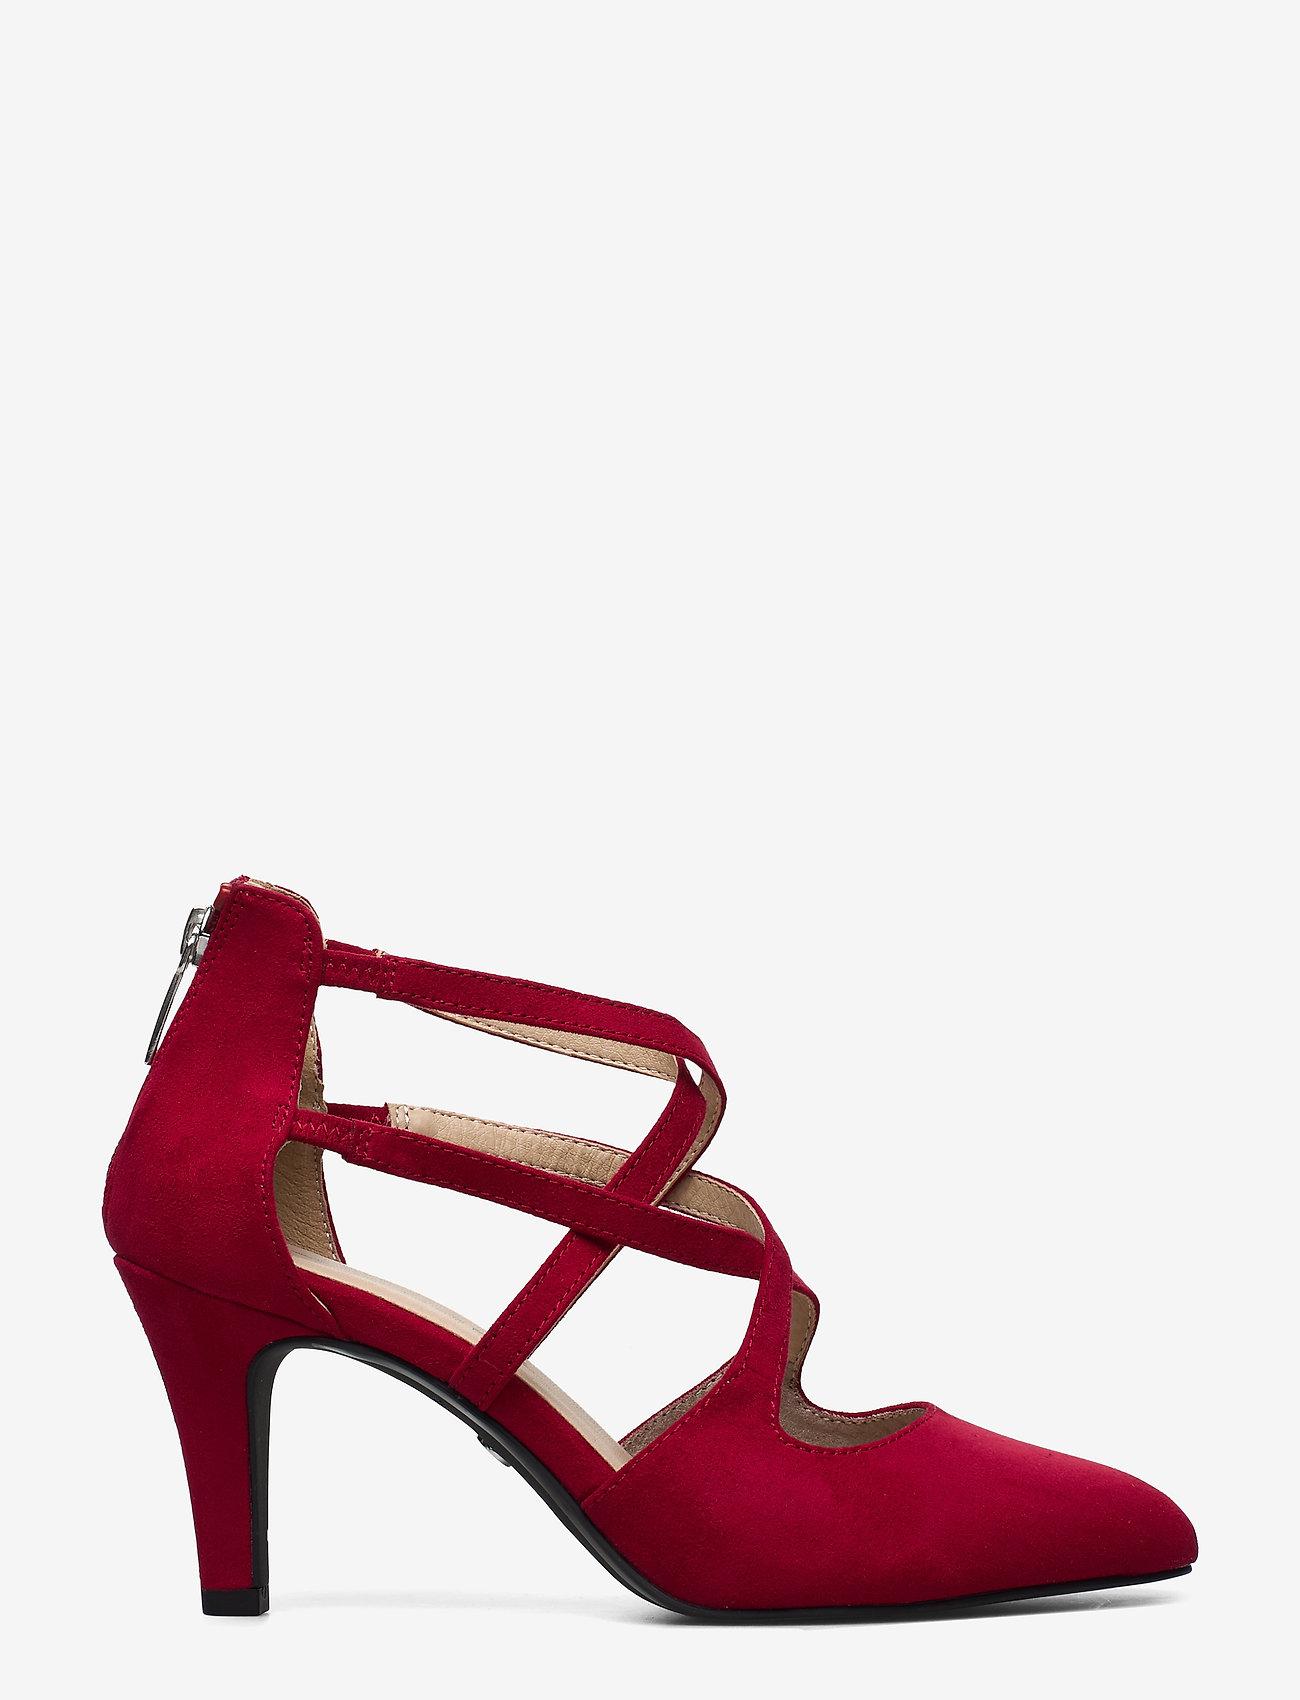 Tamaris Woms Slip-on - Heeled Shoes